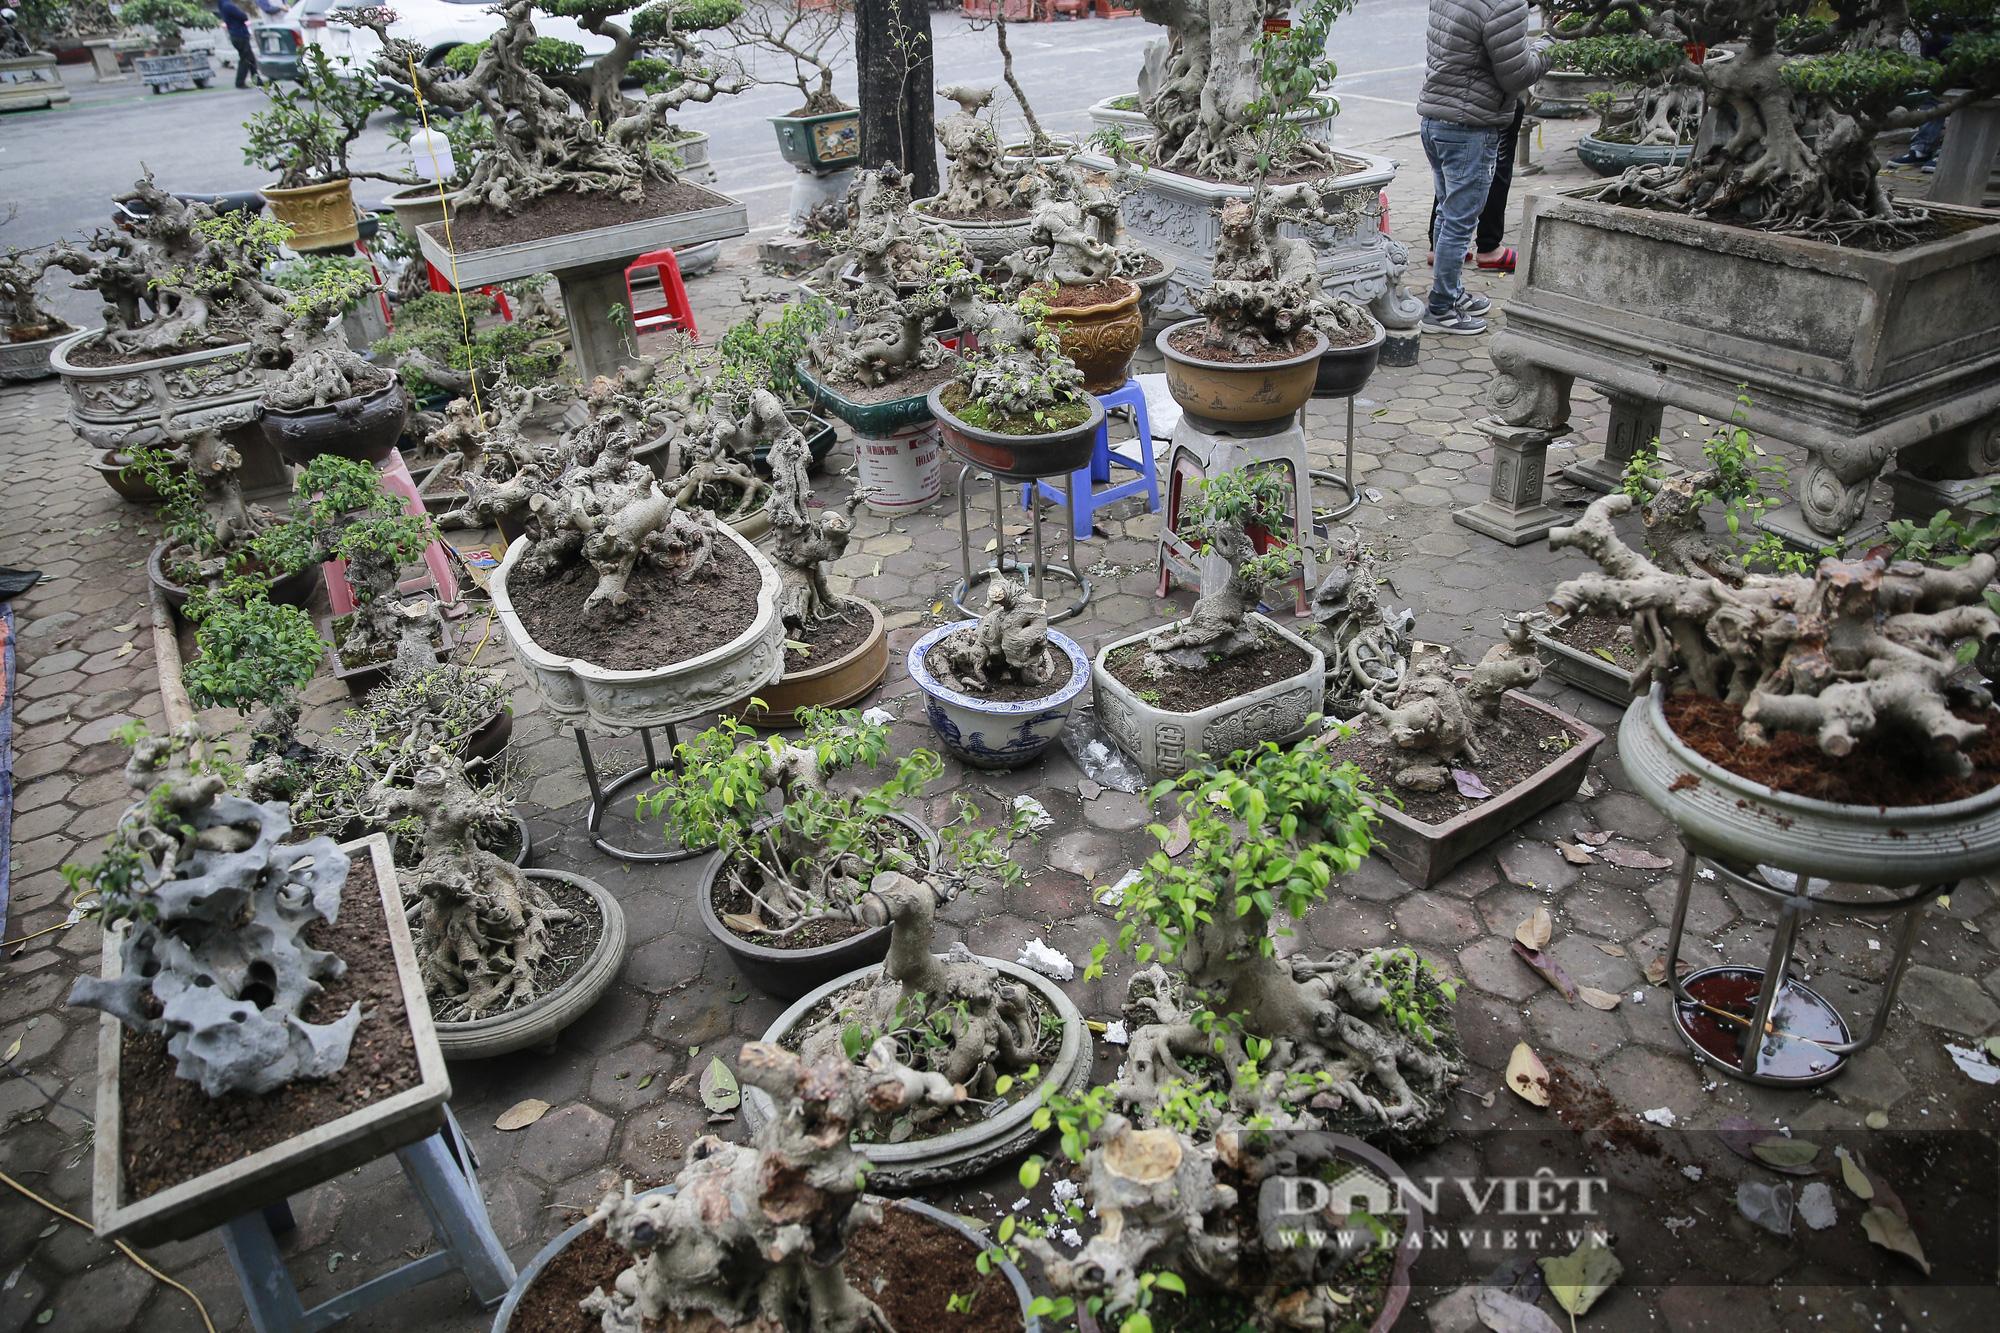 Mãn nhãn với những chậu bonsai quý hiếm tại Festival Sinh vật cảnh Hà Nội - Ảnh 12.